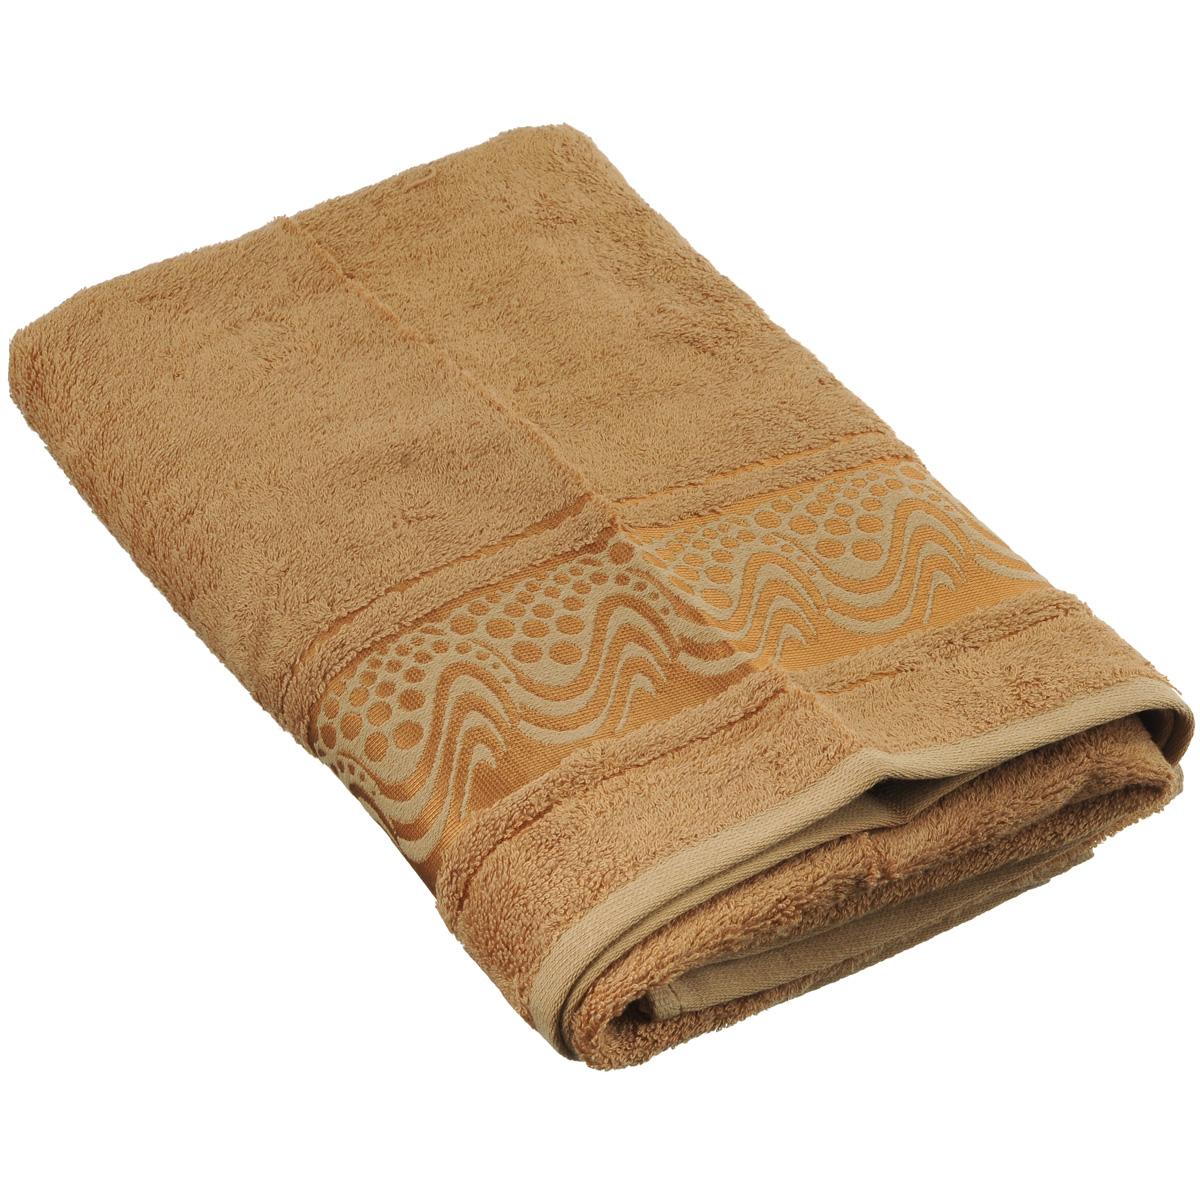 Полотенце Mariposa Aqua, цвет: светло-коричневый, 50 х 90 см62407Полотенце Mariposa Aqua, изготовленное из 60% бамбука и 40% хлопка, подарит массу положительных эмоций и приятных ощущений. Полотенца из бамбука только издали похожи на обычные. На самом деле, при первом же прикосновении вы ощутите невероятную мягкость и шелковистость. Таким полотенцем не нужно вытираться - только коснитесь кожи - и ткань сама все впитает! Несмотря на богатую плотность и высокую петлю полотенца, оно быстро сохнет, остается легким даже при намокании. Полотенце оформлено волнистым рисунком. Благородный тон создает уют и подчеркивает лучшие качества махровой ткани. Полотенце Mariposa Aqua станет достойным выбором для вас и приятным подарком для ваших близких. Размер полотенца: 50 см х 90 см.